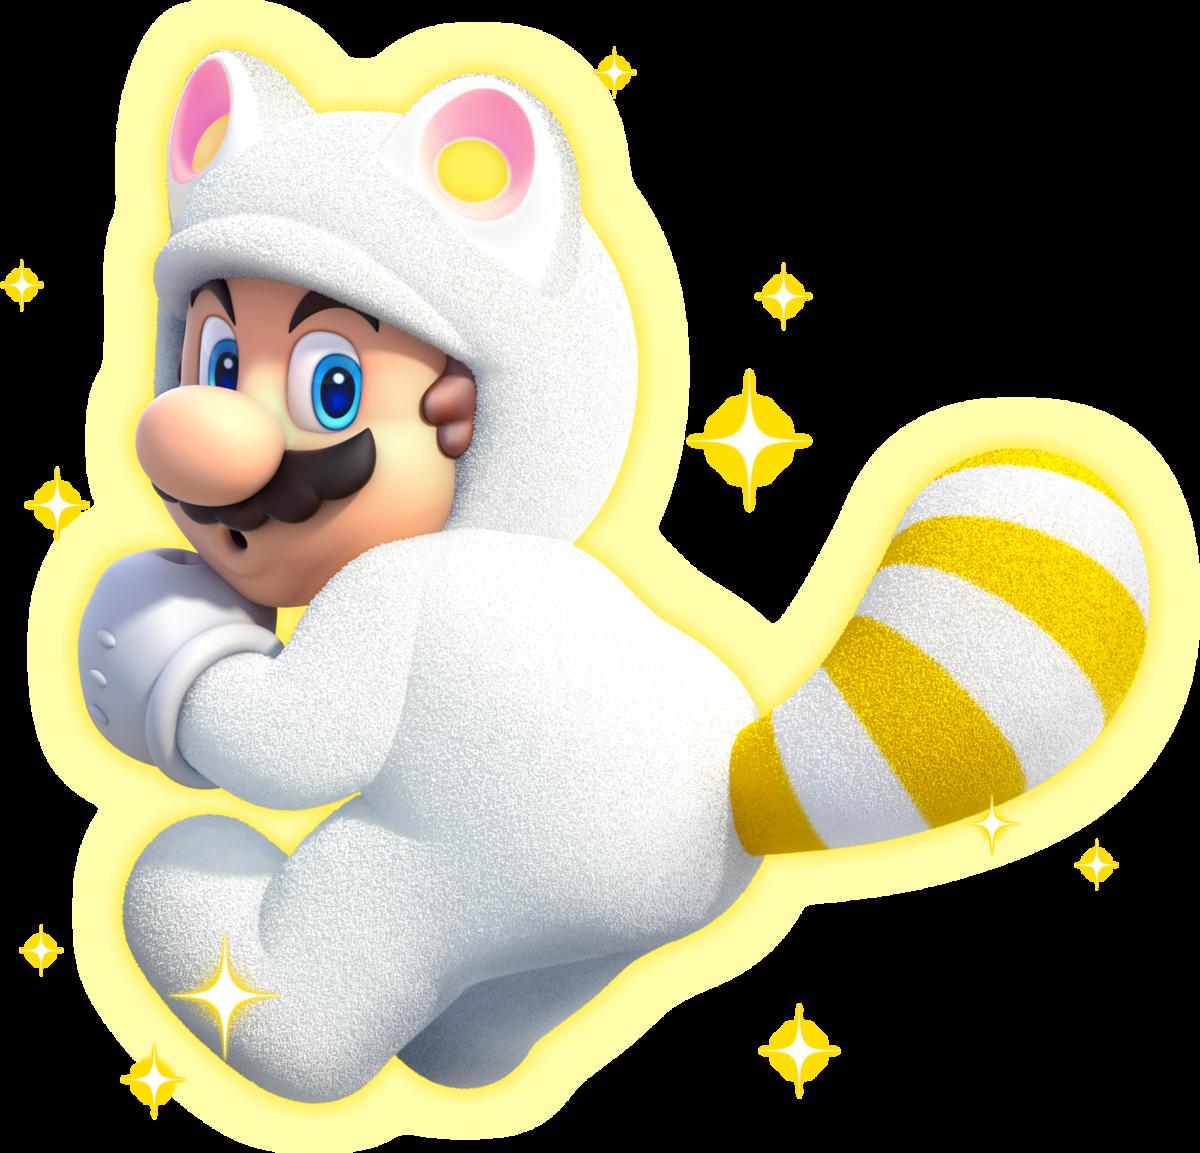 White Tanooki Mario Super Mario Wiki The Mario Encyclopedia